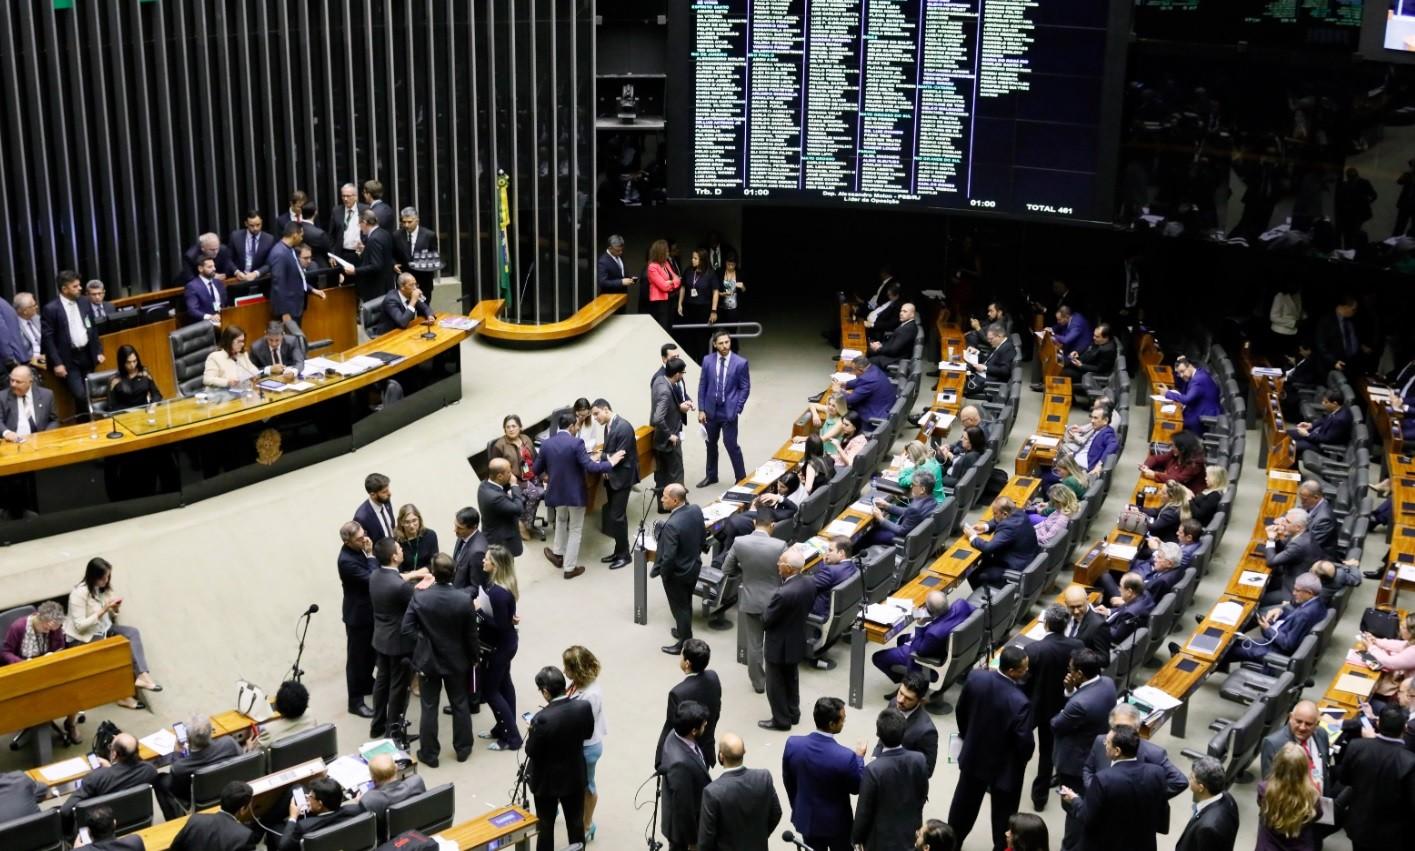 Câmara aprova projeto que permite posse de arma em toda a propriedade rural - Notícias - Plantão Diário